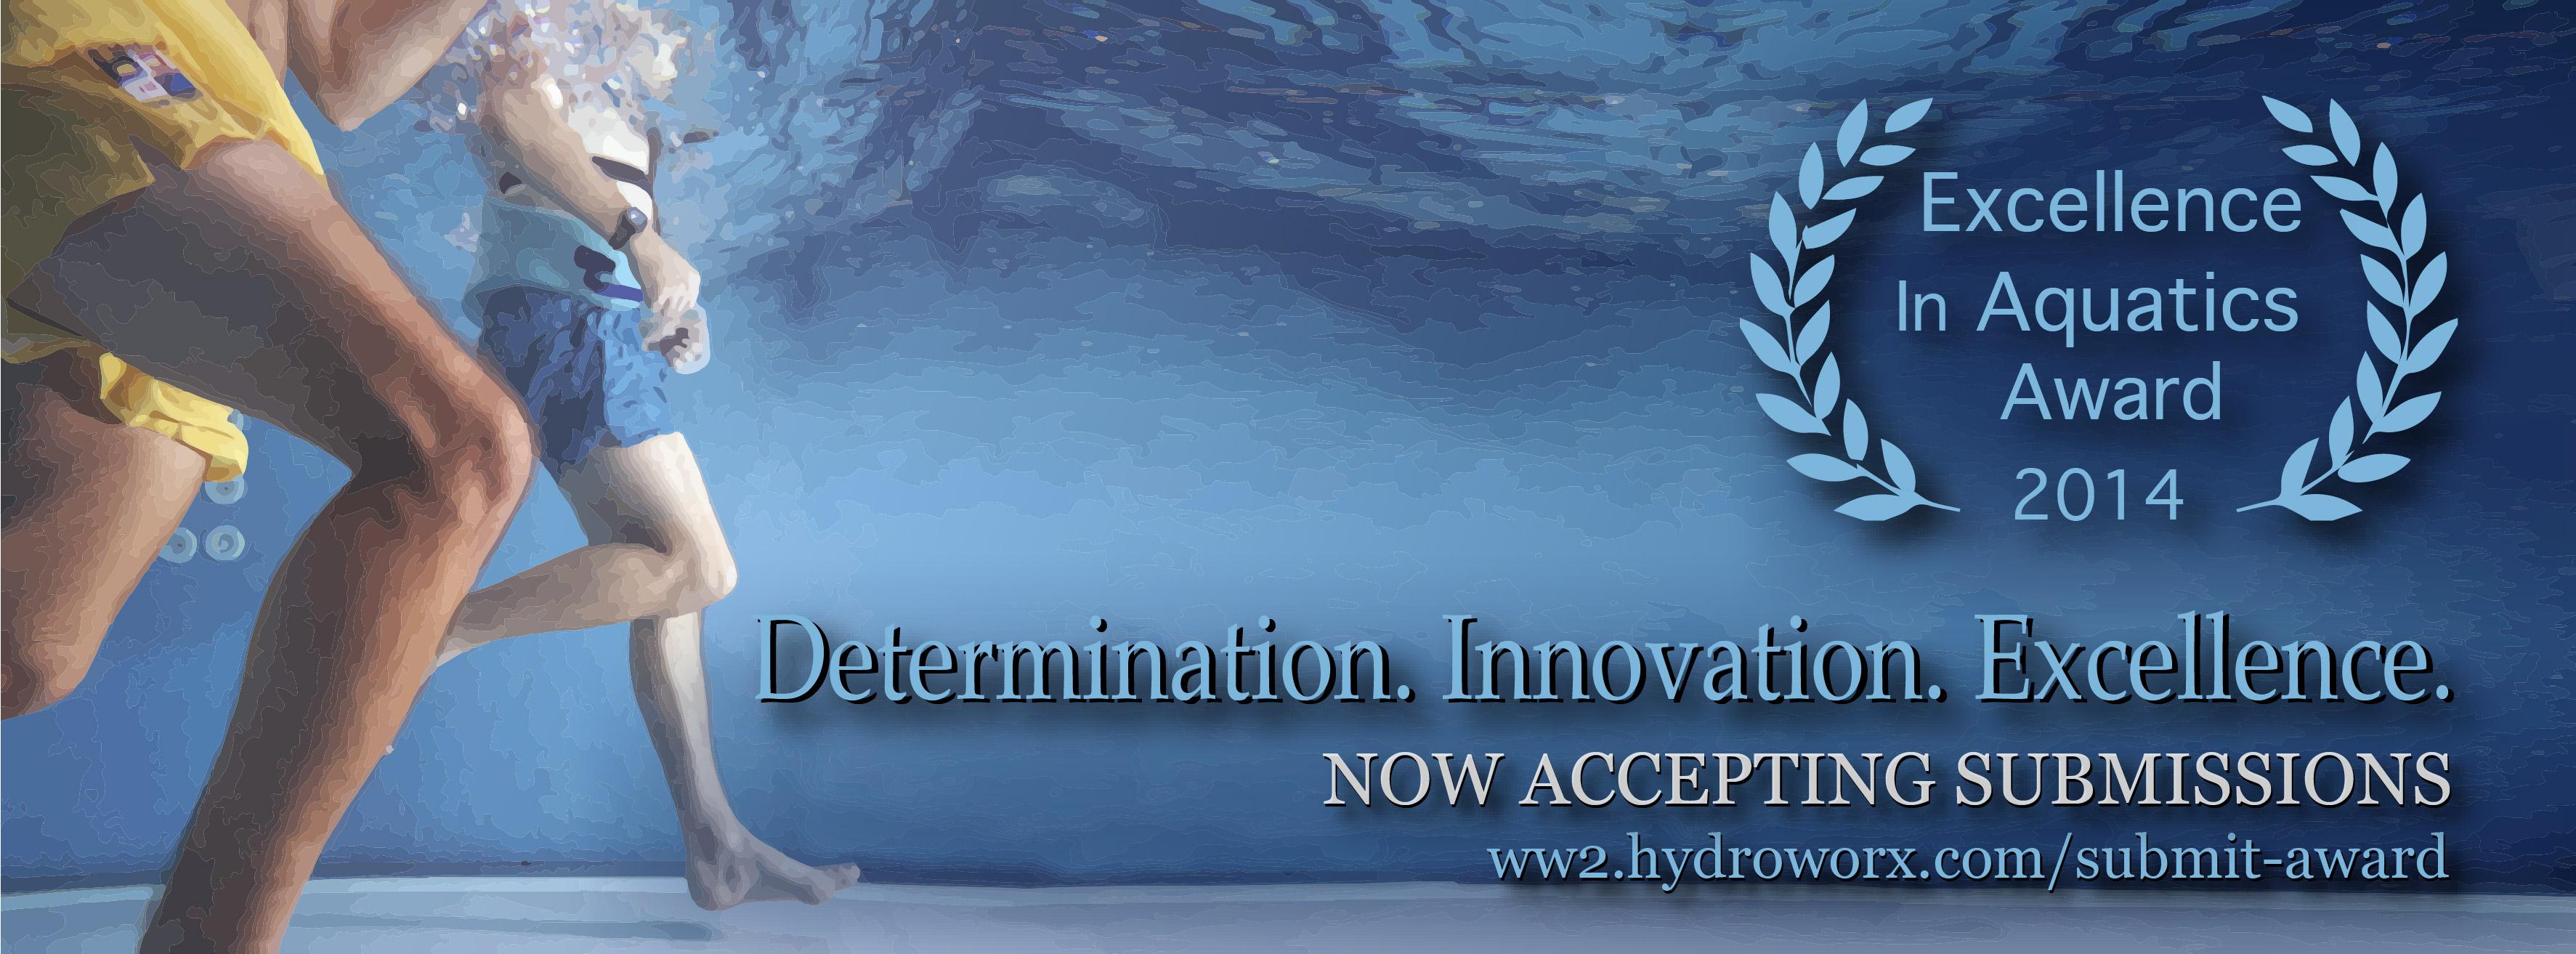 Excellence in Aquatics Award-02